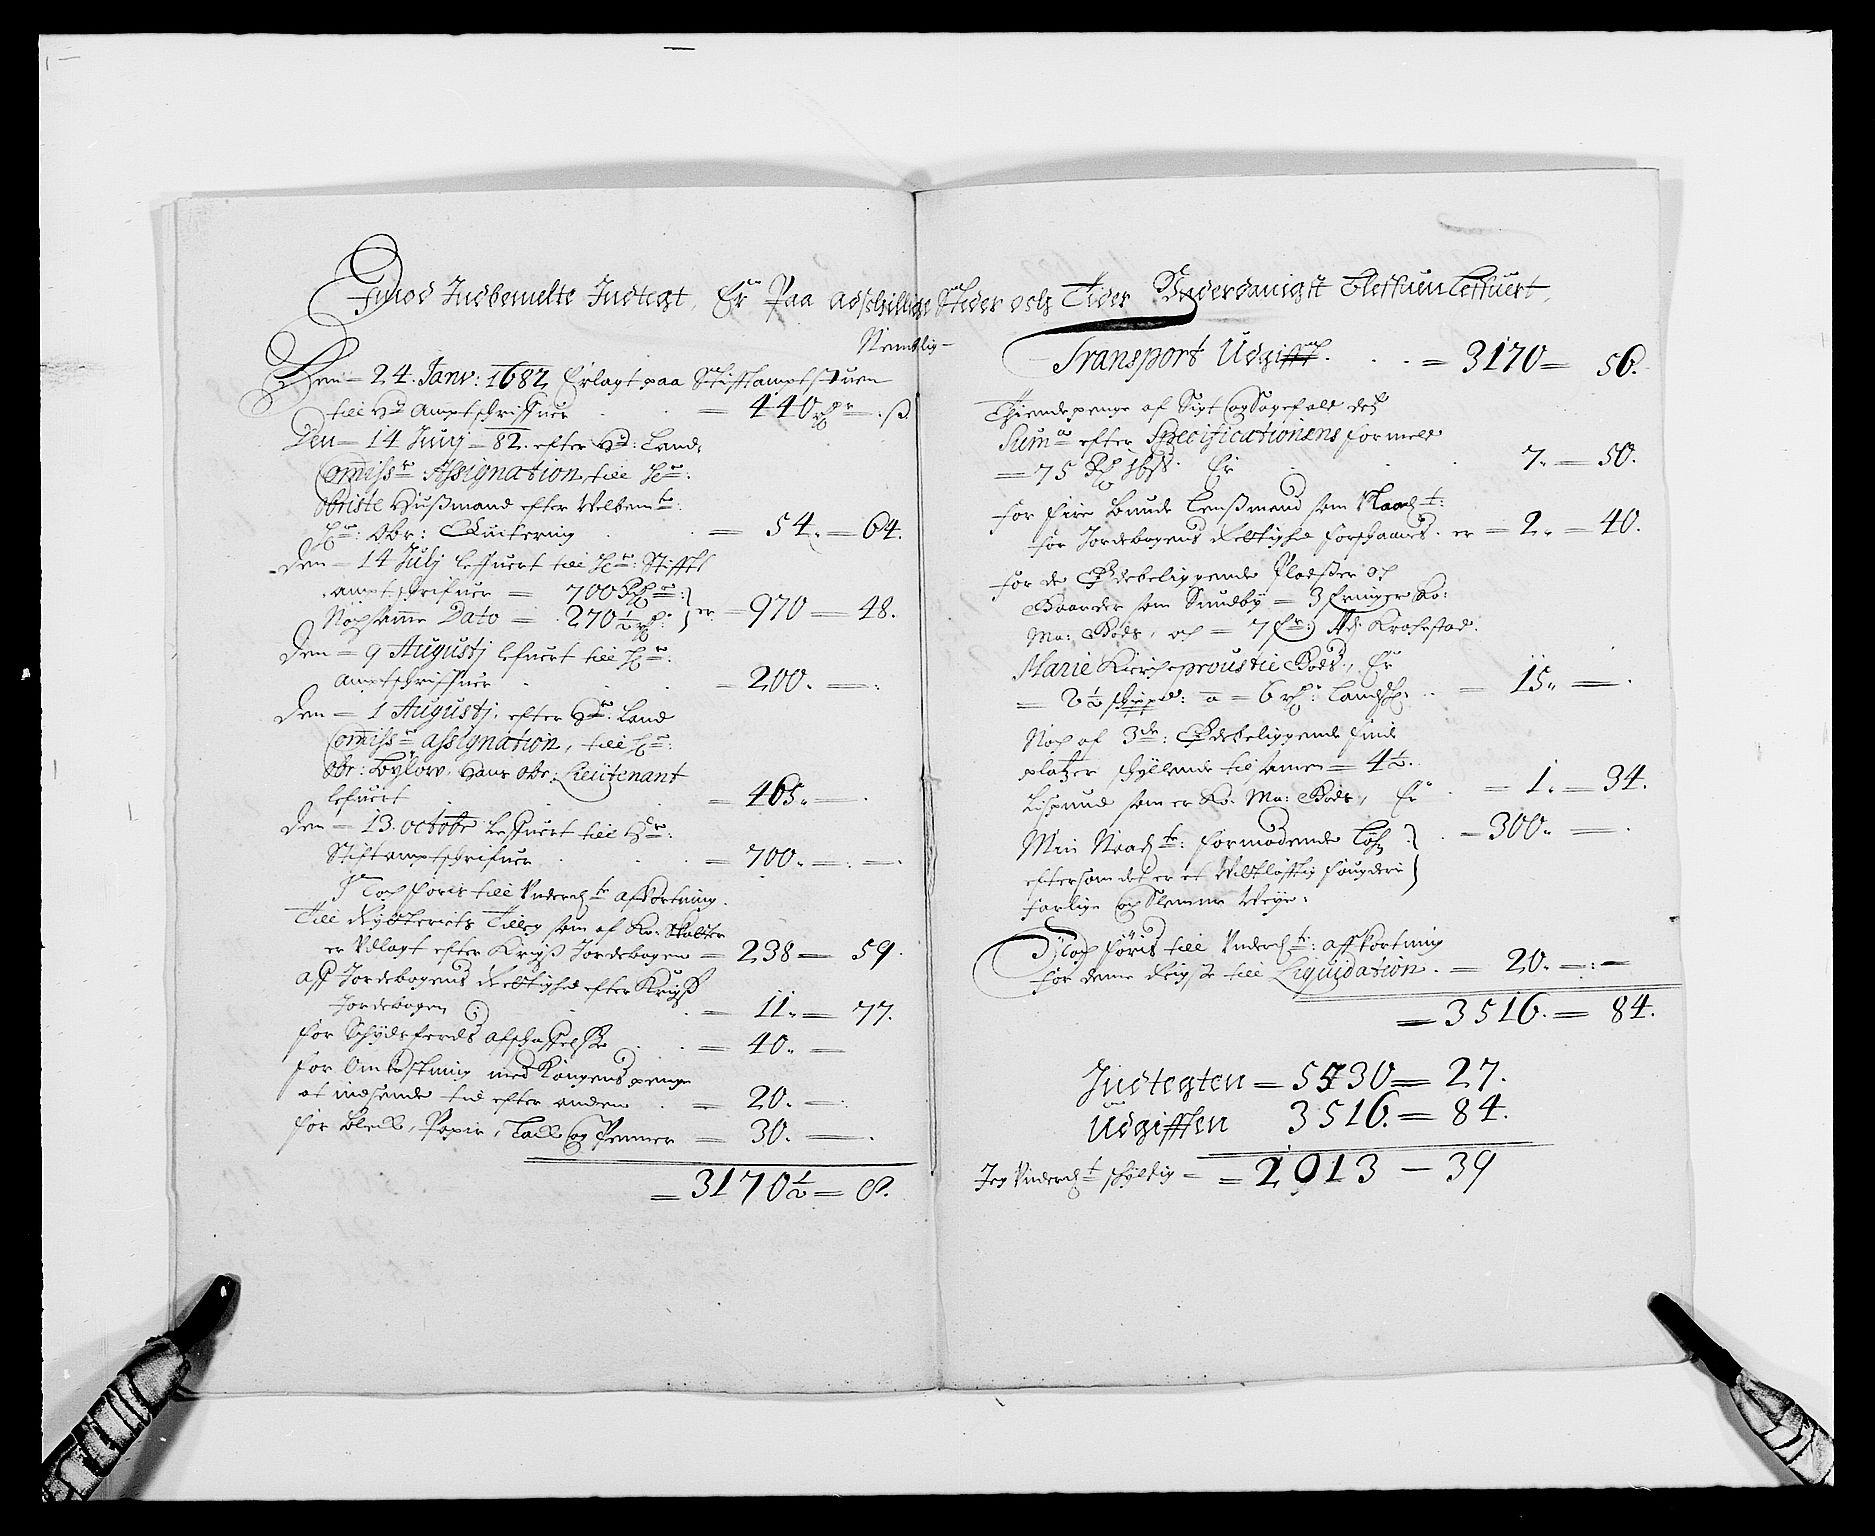 RA, Rentekammeret inntil 1814, Reviderte regnskaper, Fogderegnskap, R21/L1445: Fogderegnskap Ringerike og Hallingdal, 1681-1689, s. 224